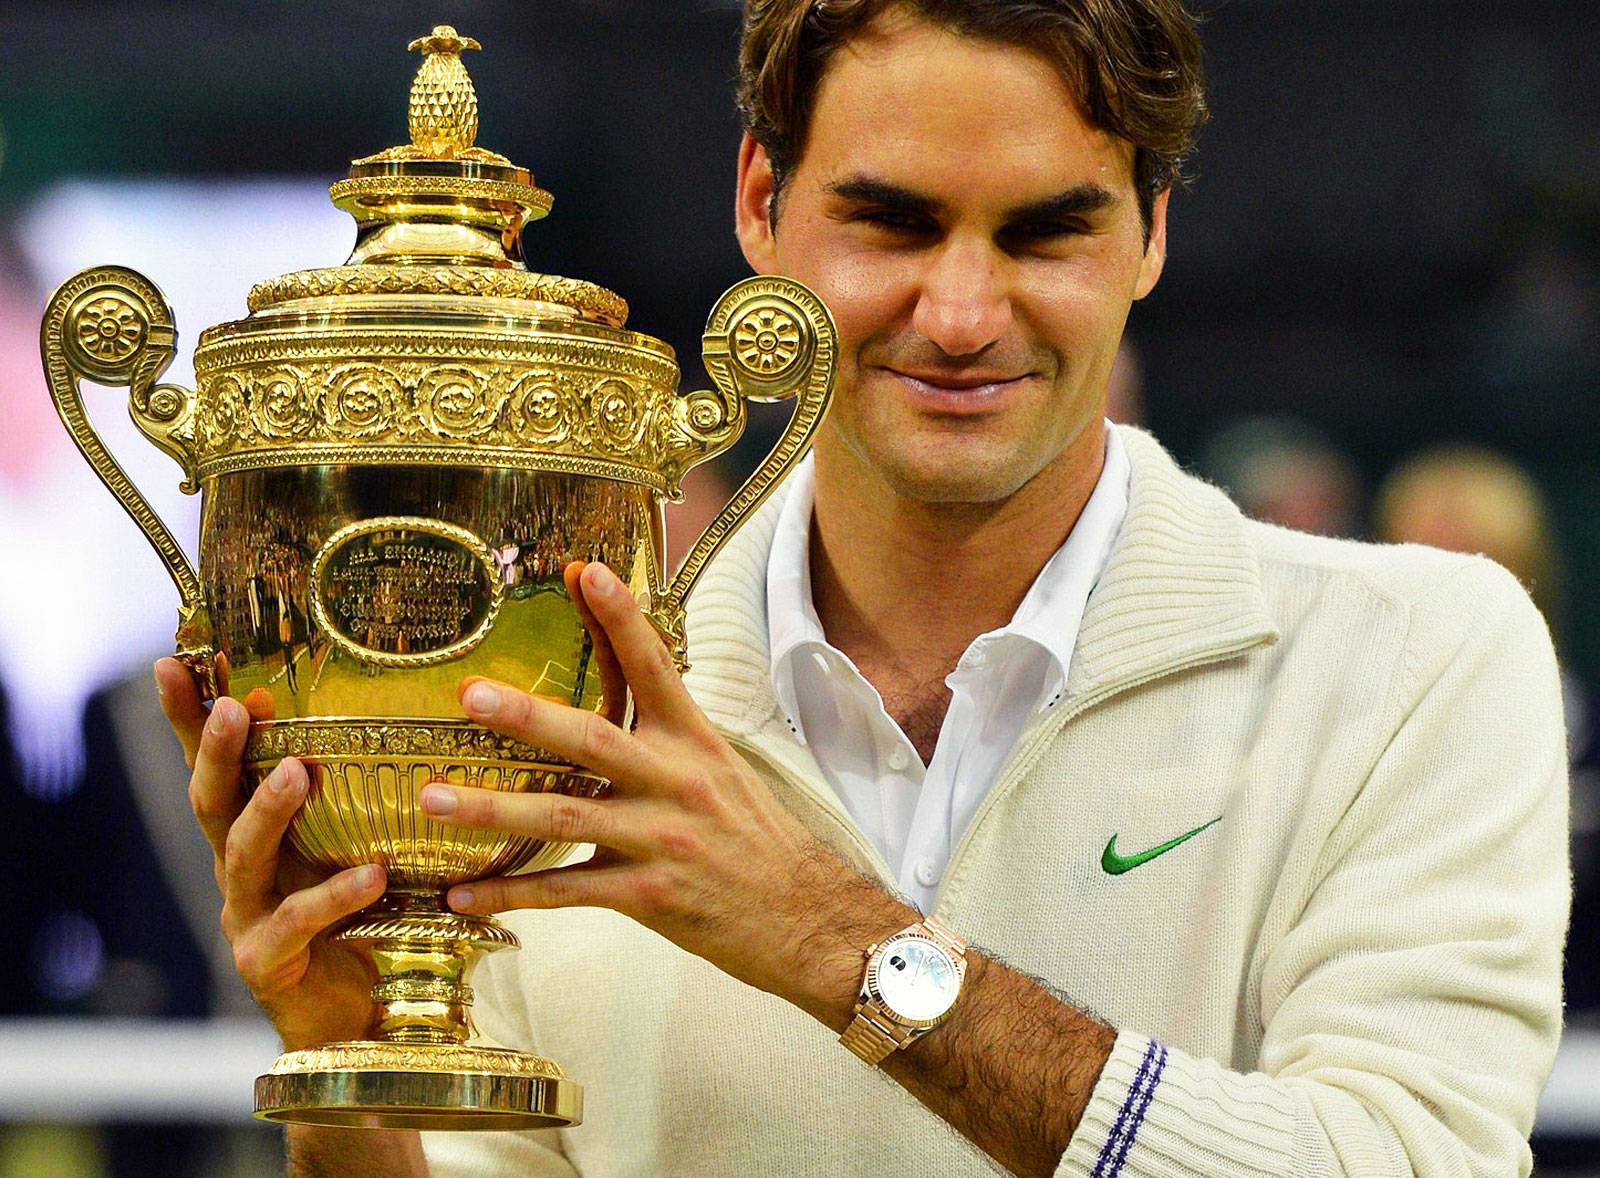 Roger Federer fans love him